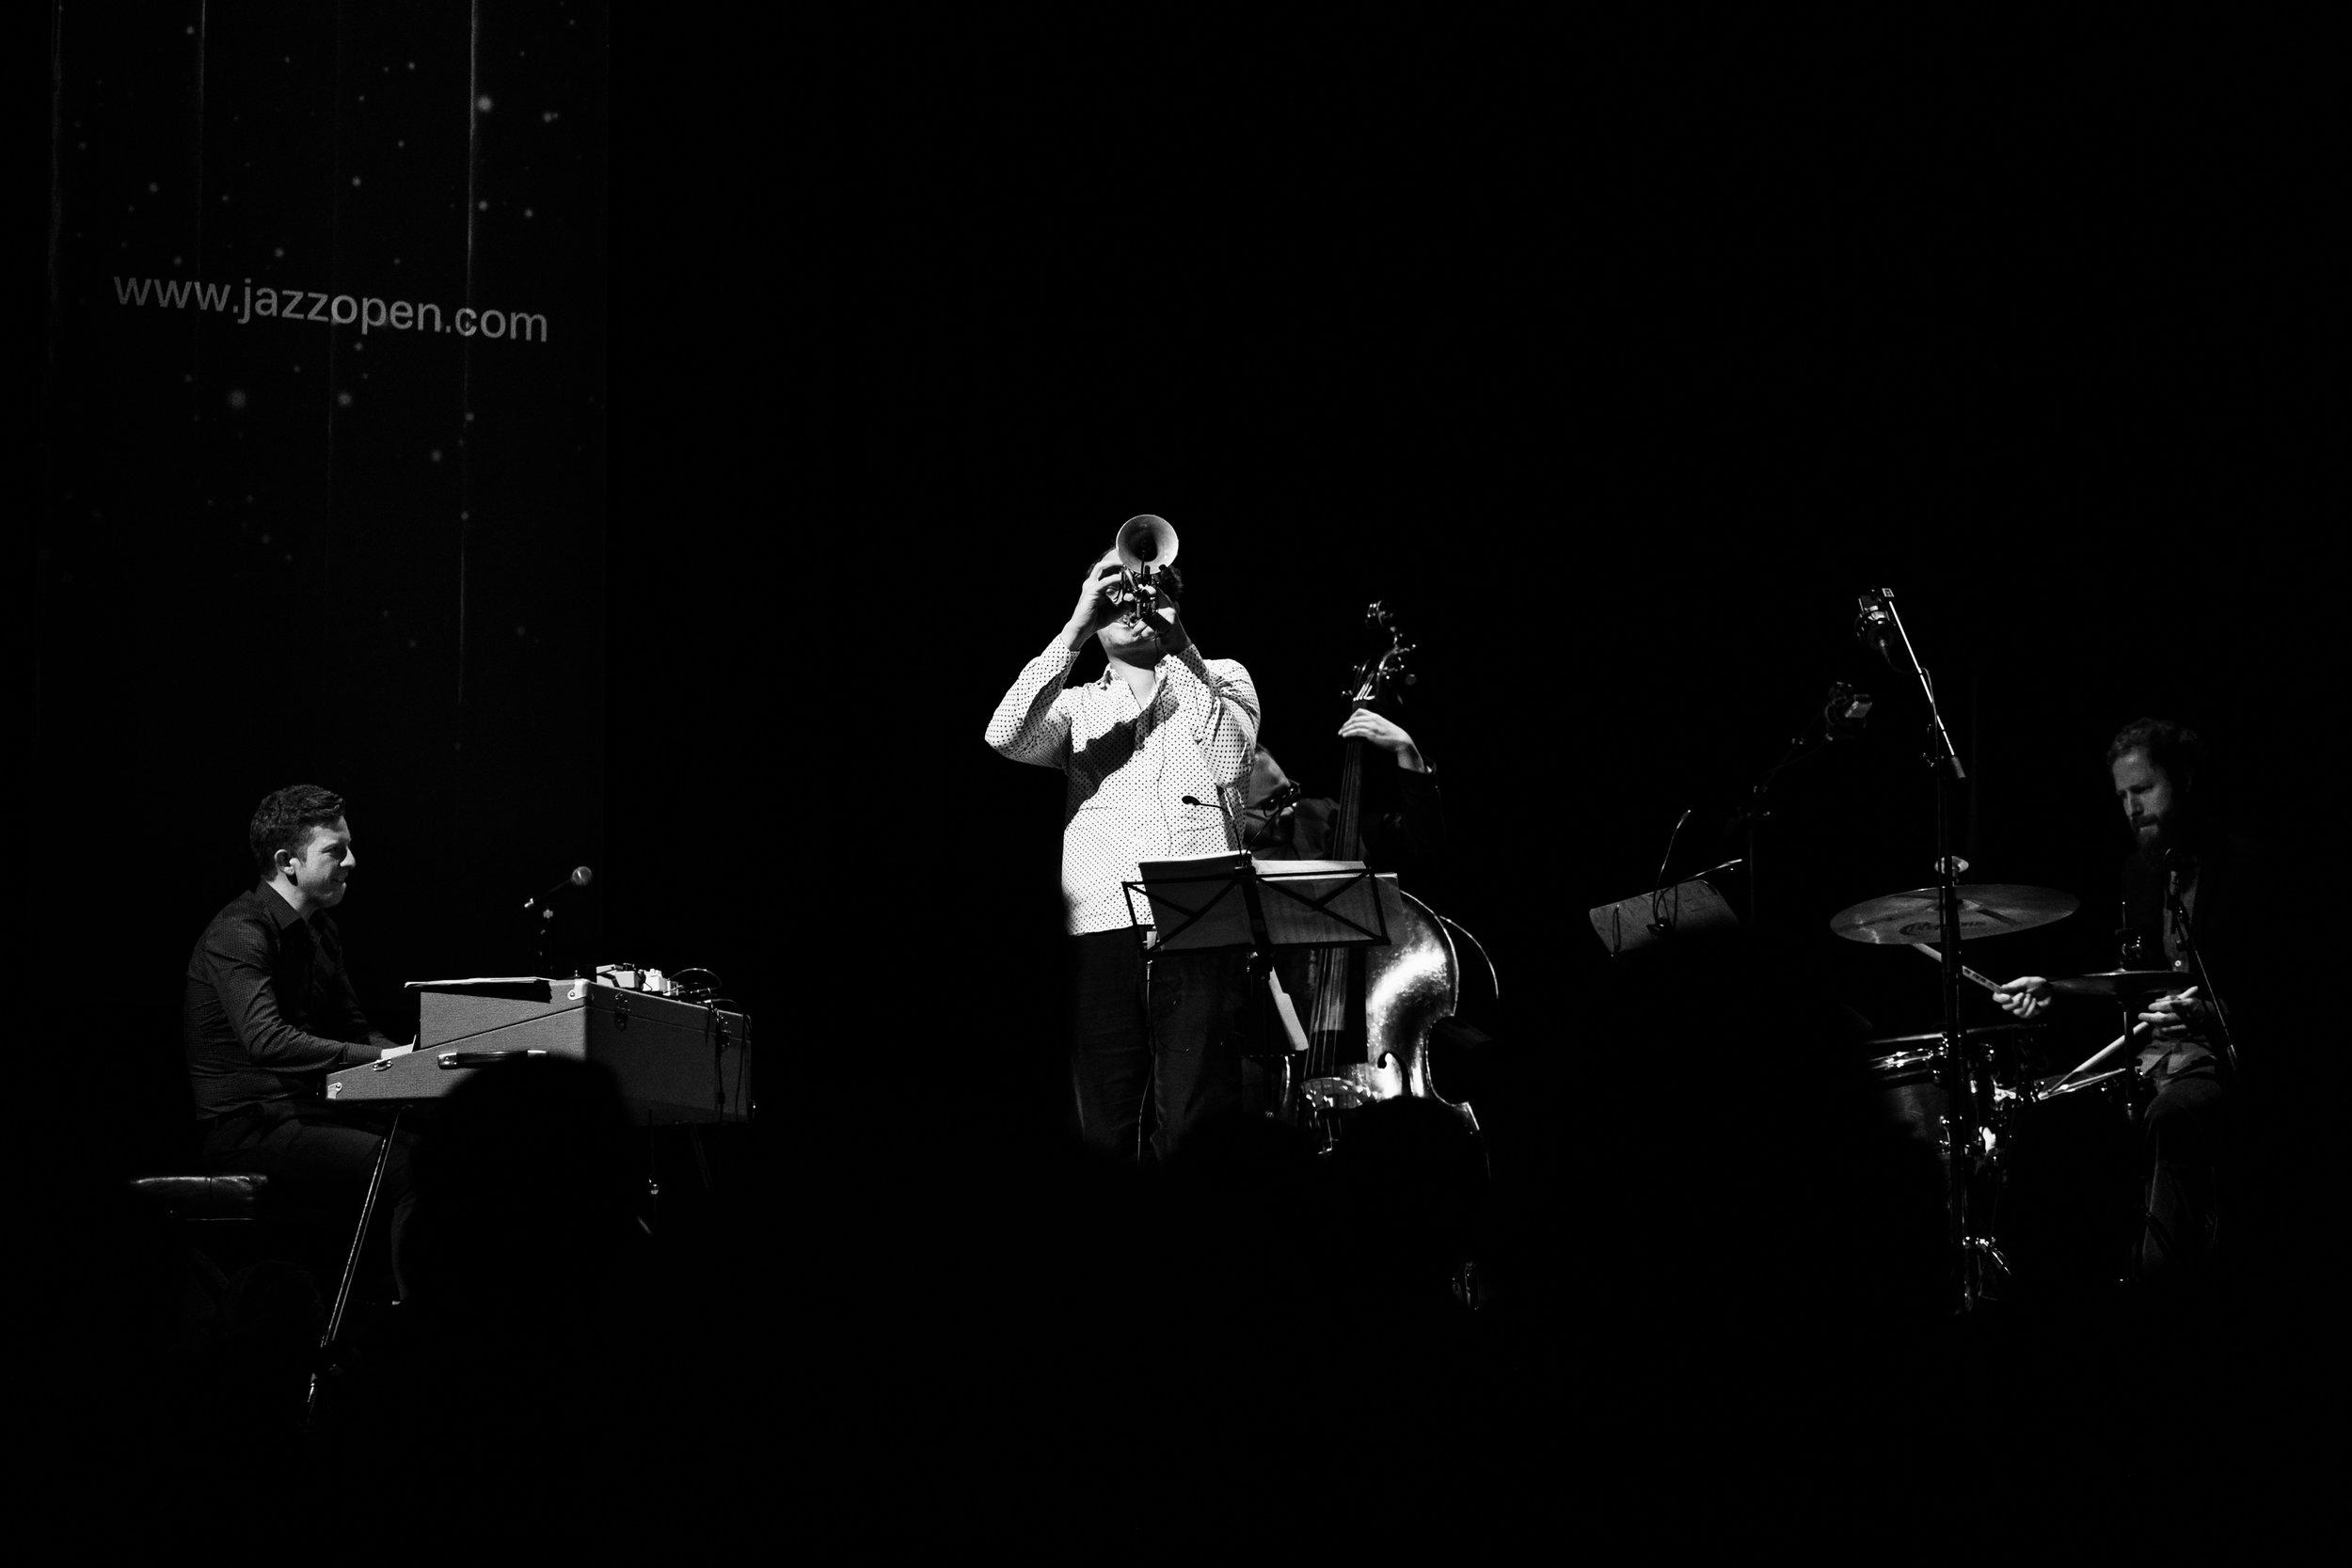 20171102_jazzopen-night-5.jpg